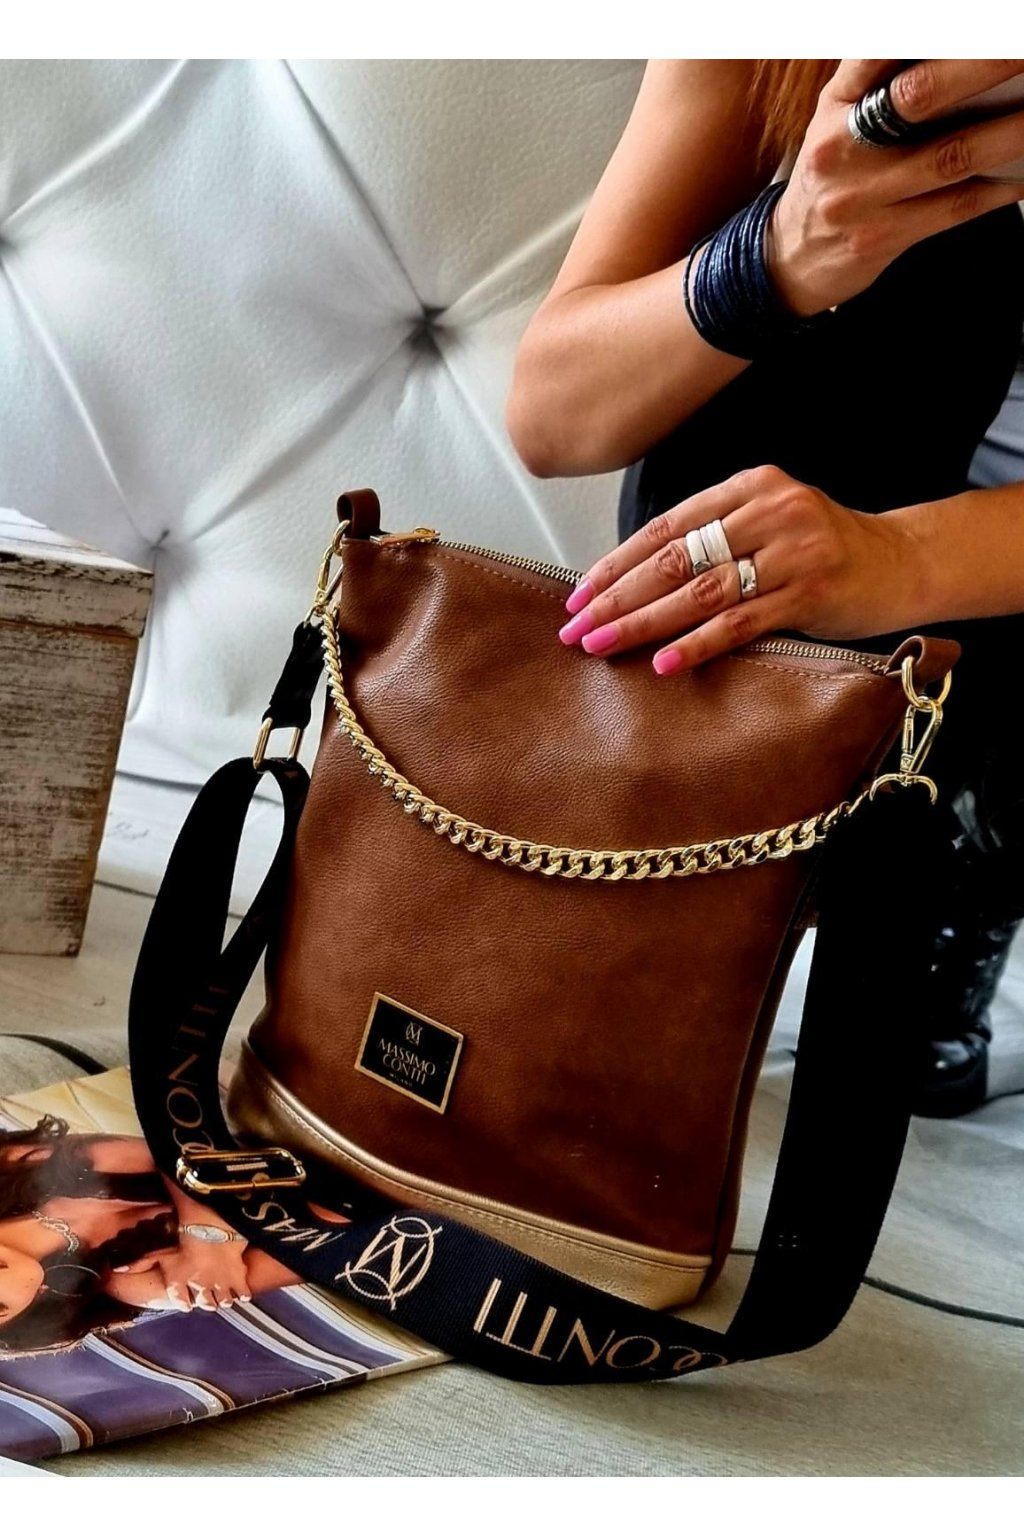 kabelka Massimo Contti odlehčená luxusní kabelka crossbody s řetězem hnědá